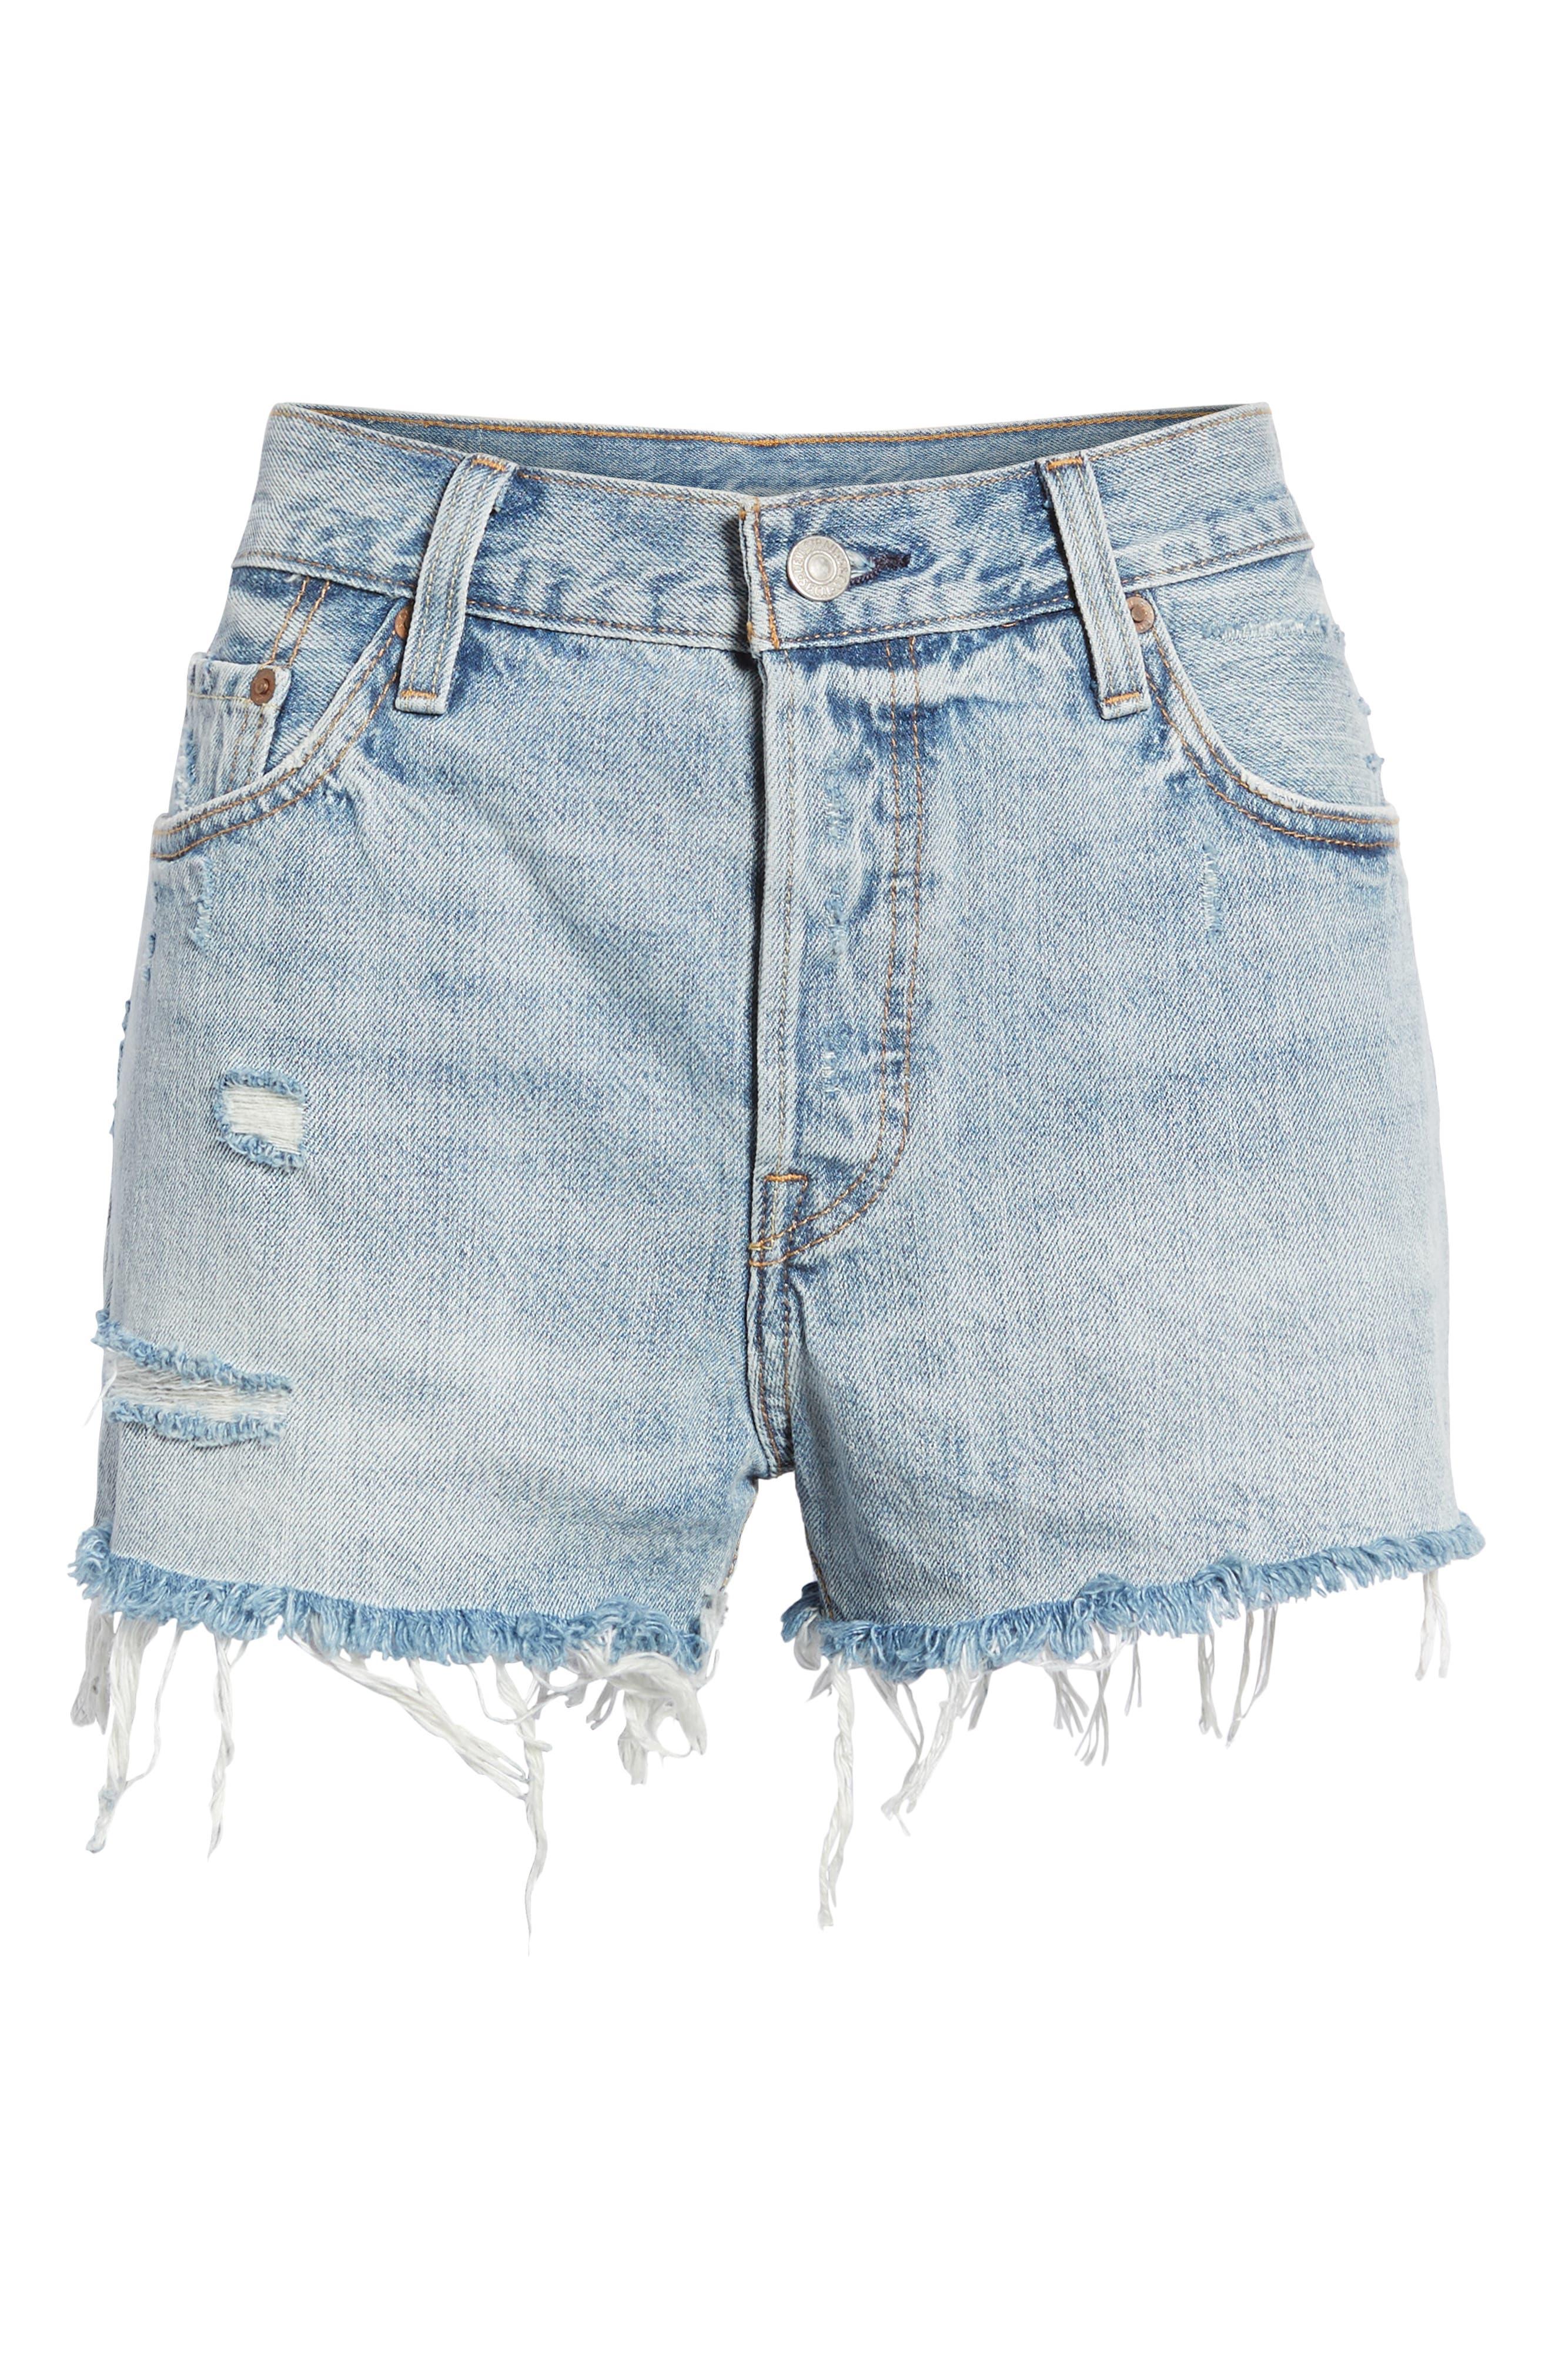 LEVI'S<SUP>®</SUP>, '501<sup>®</sup>' Cutoff Denim Shorts, Main thumbnail 1, color, 420